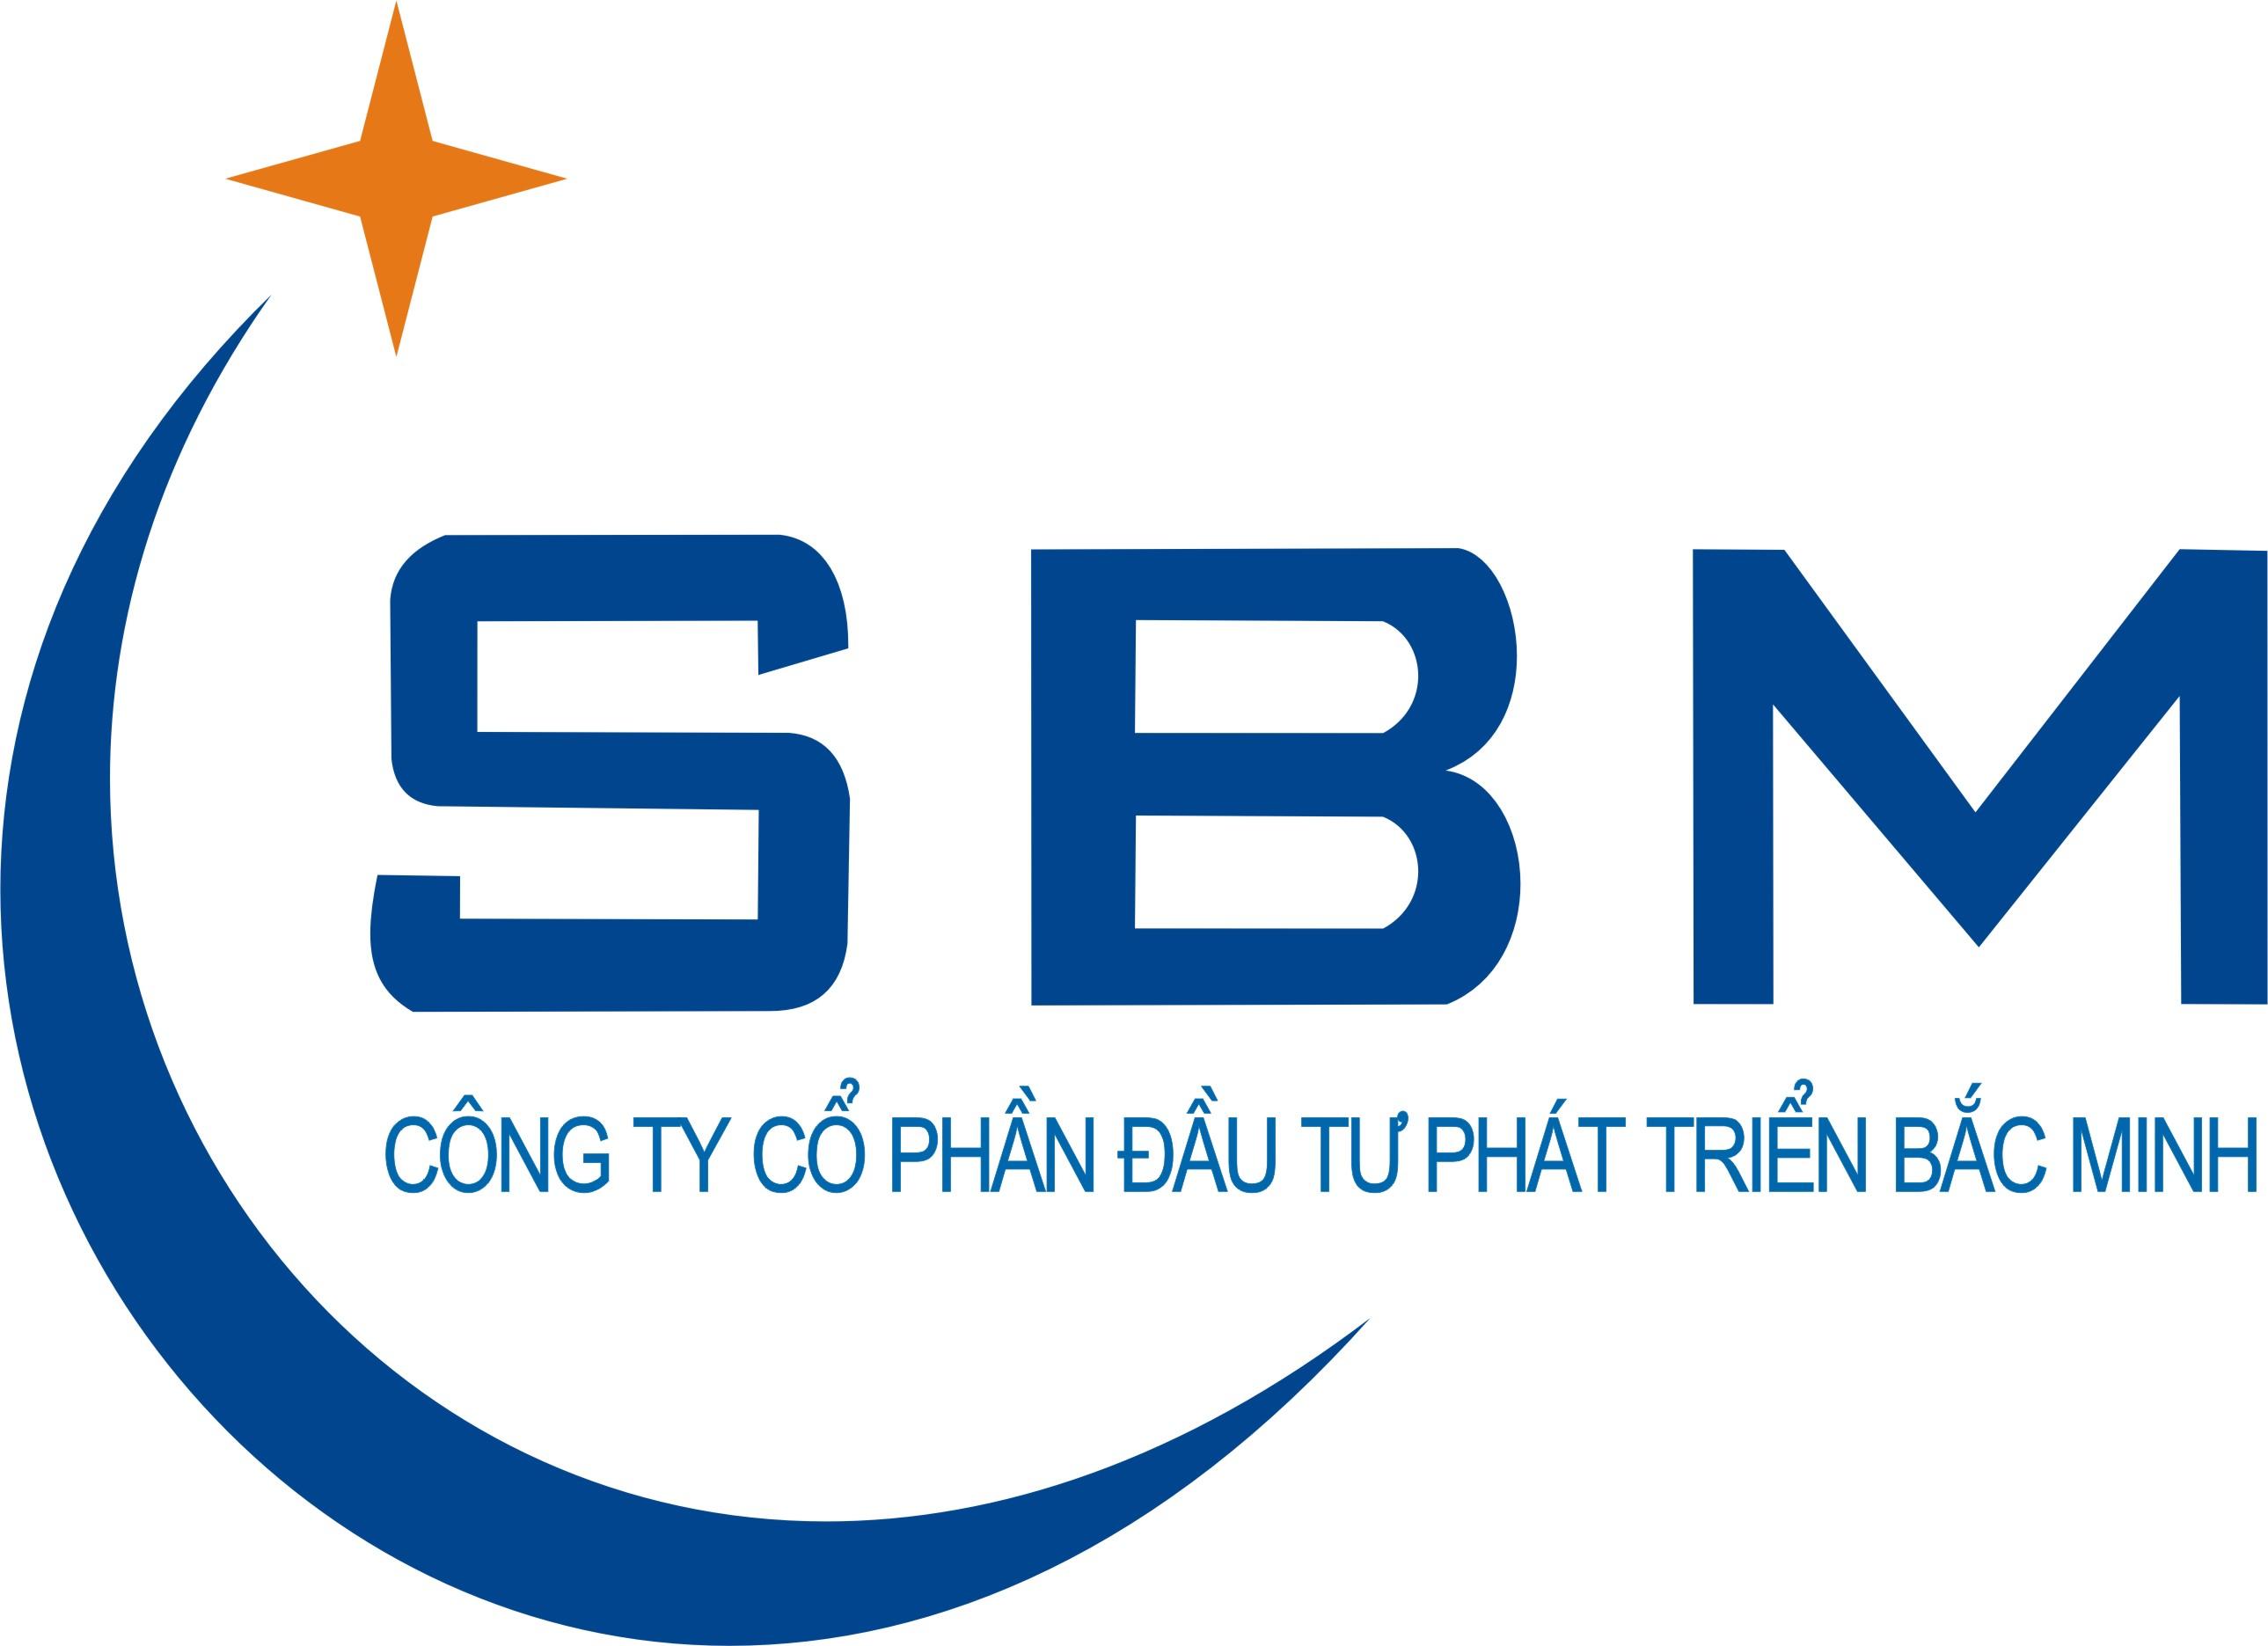 CTCP Đầu tư Phát triển Bắc Minh